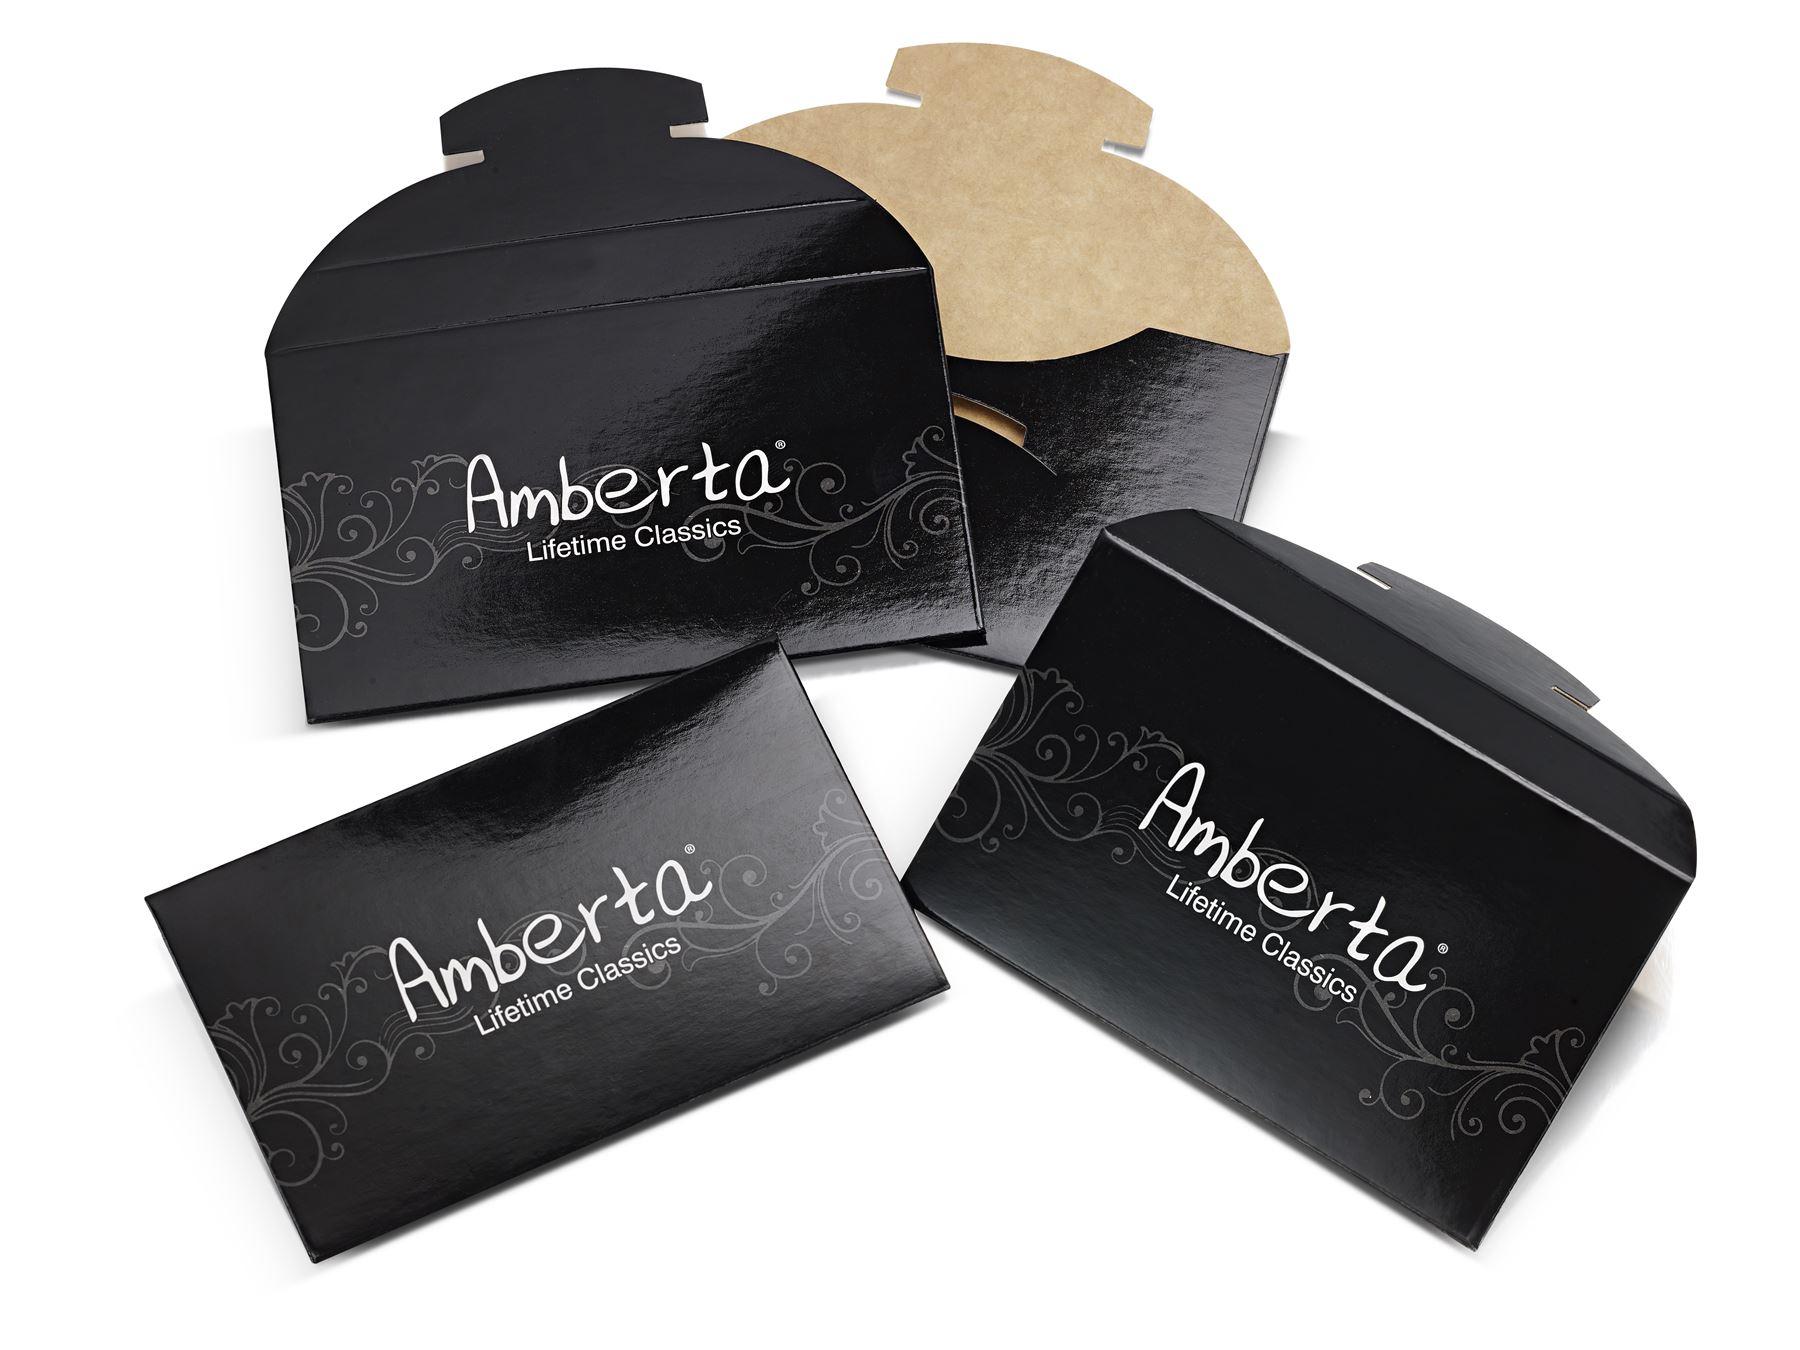 Amberta-Bijoux-Bracelet-en-Vrai-Argent-Sterling-925-Chaine-pour-Femme-a-la-Mode thumbnail 74